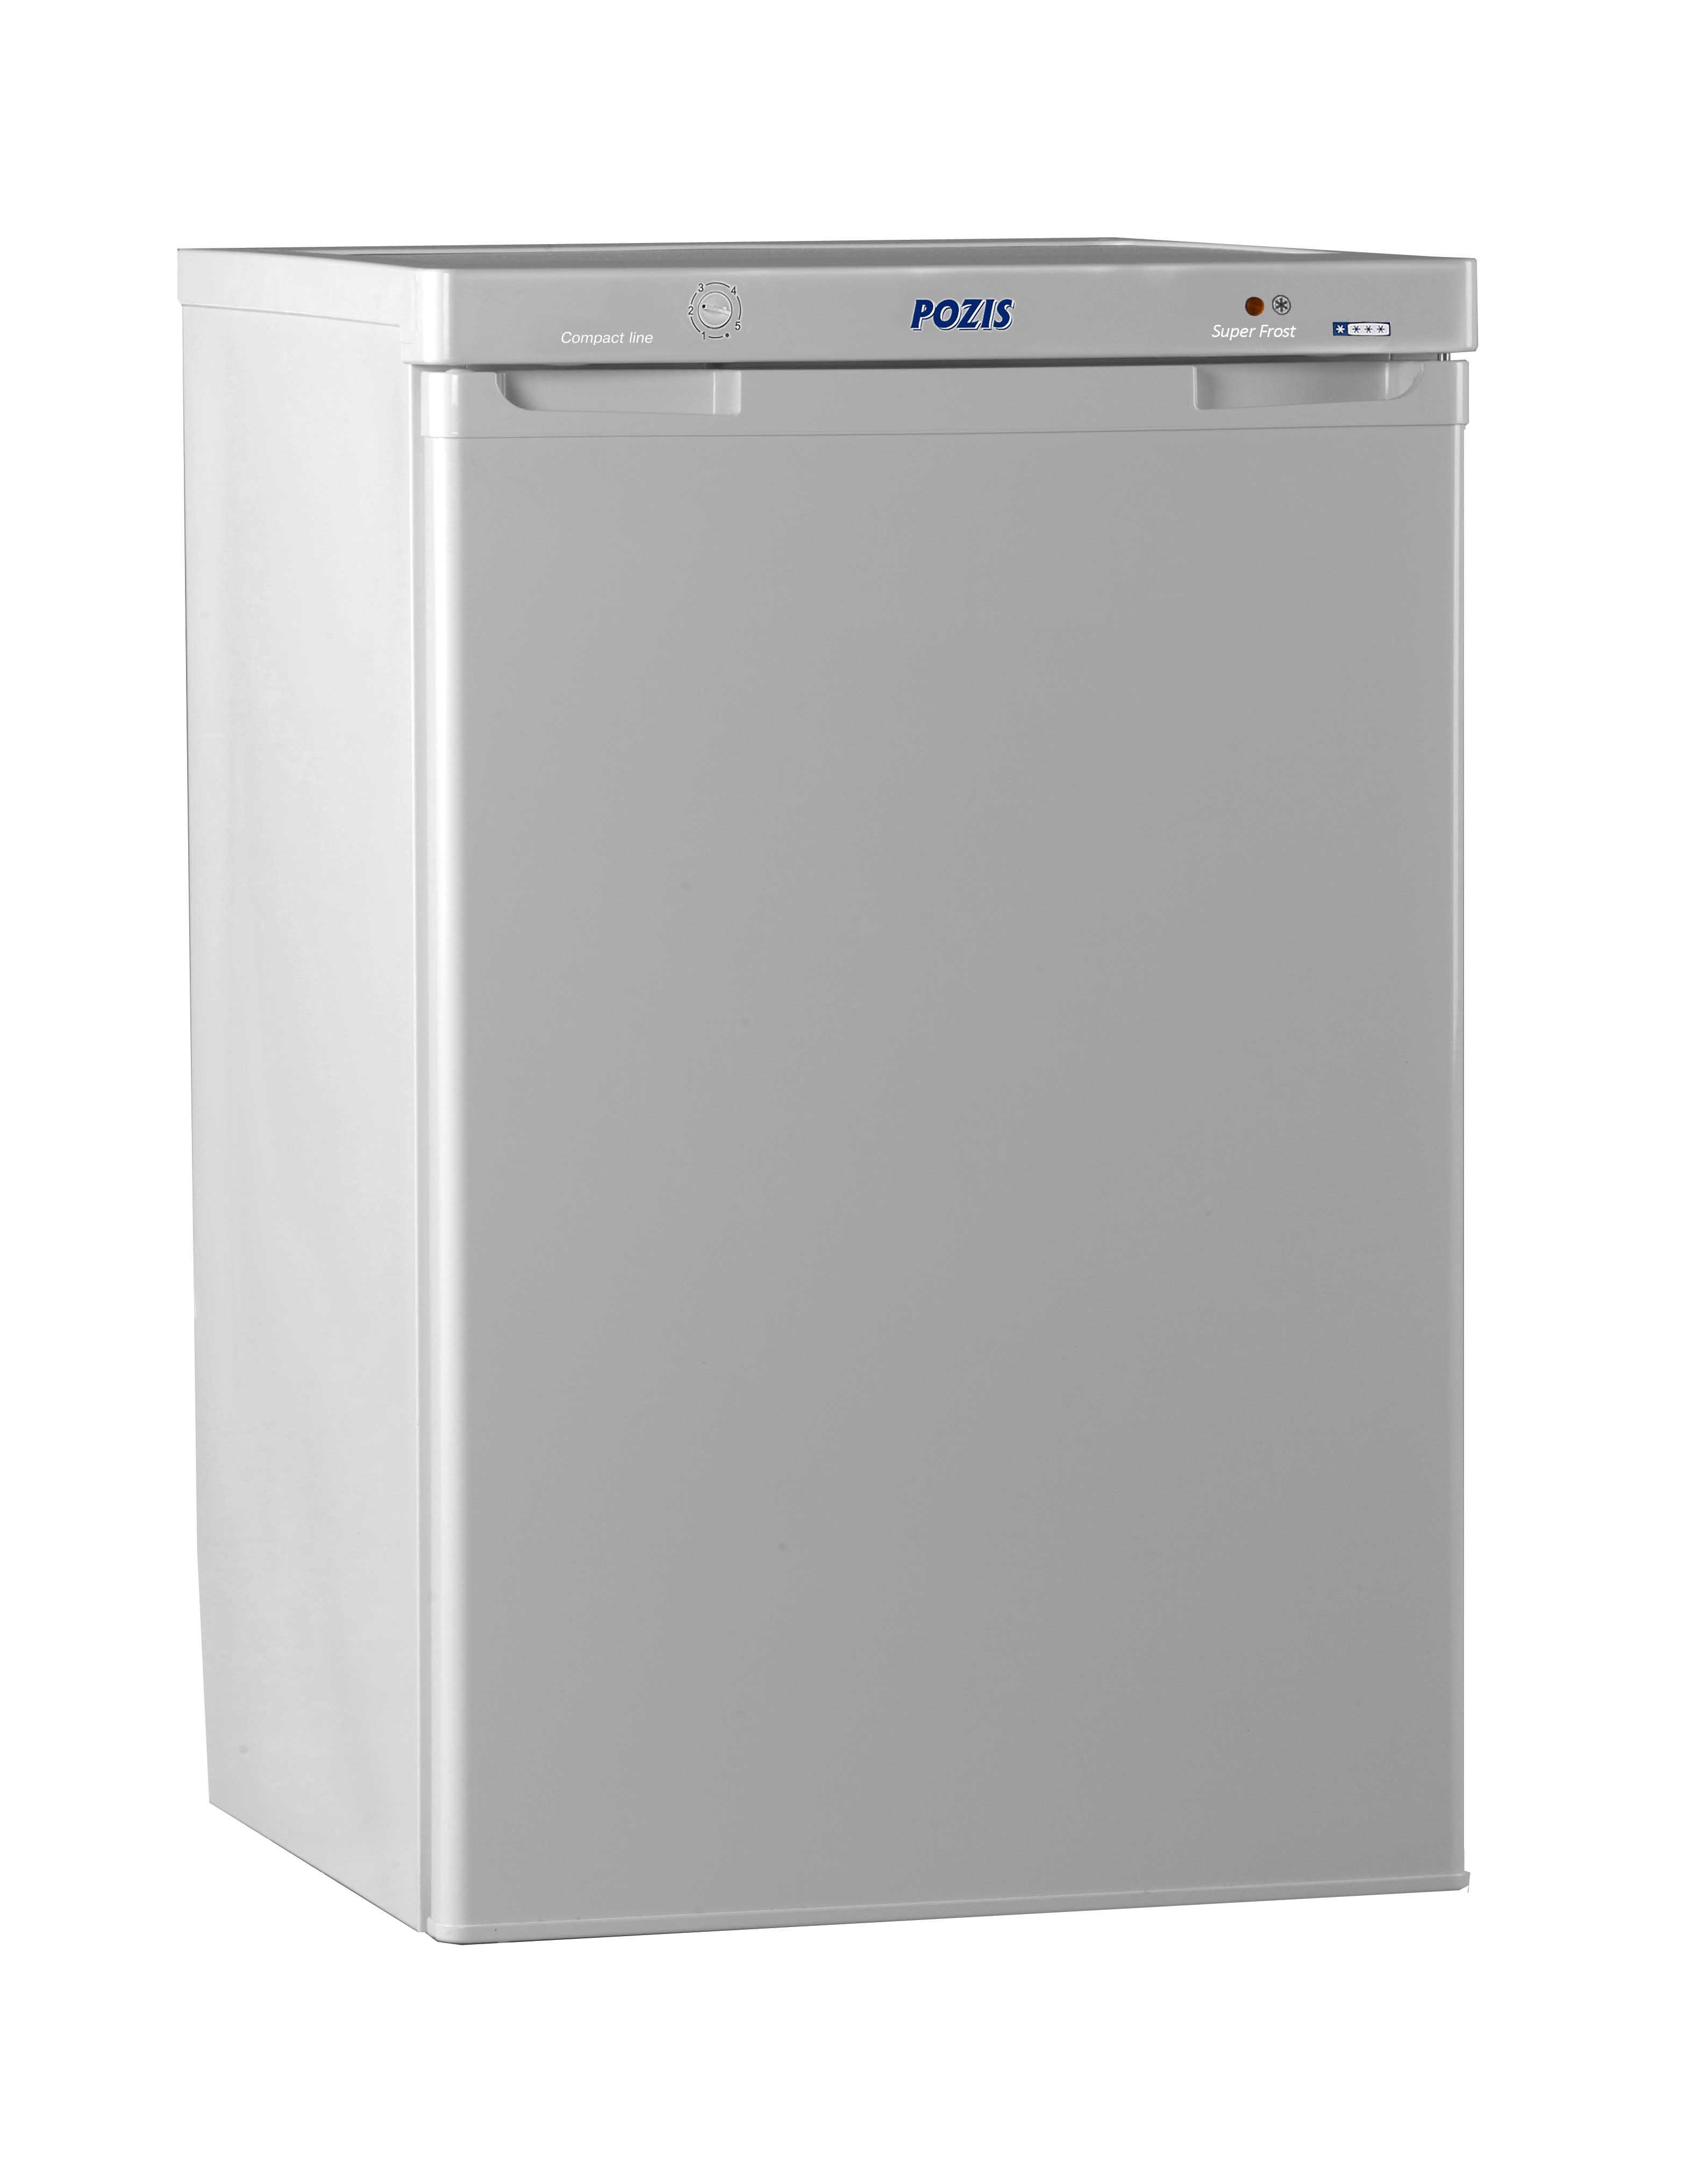 POZIS FV-108